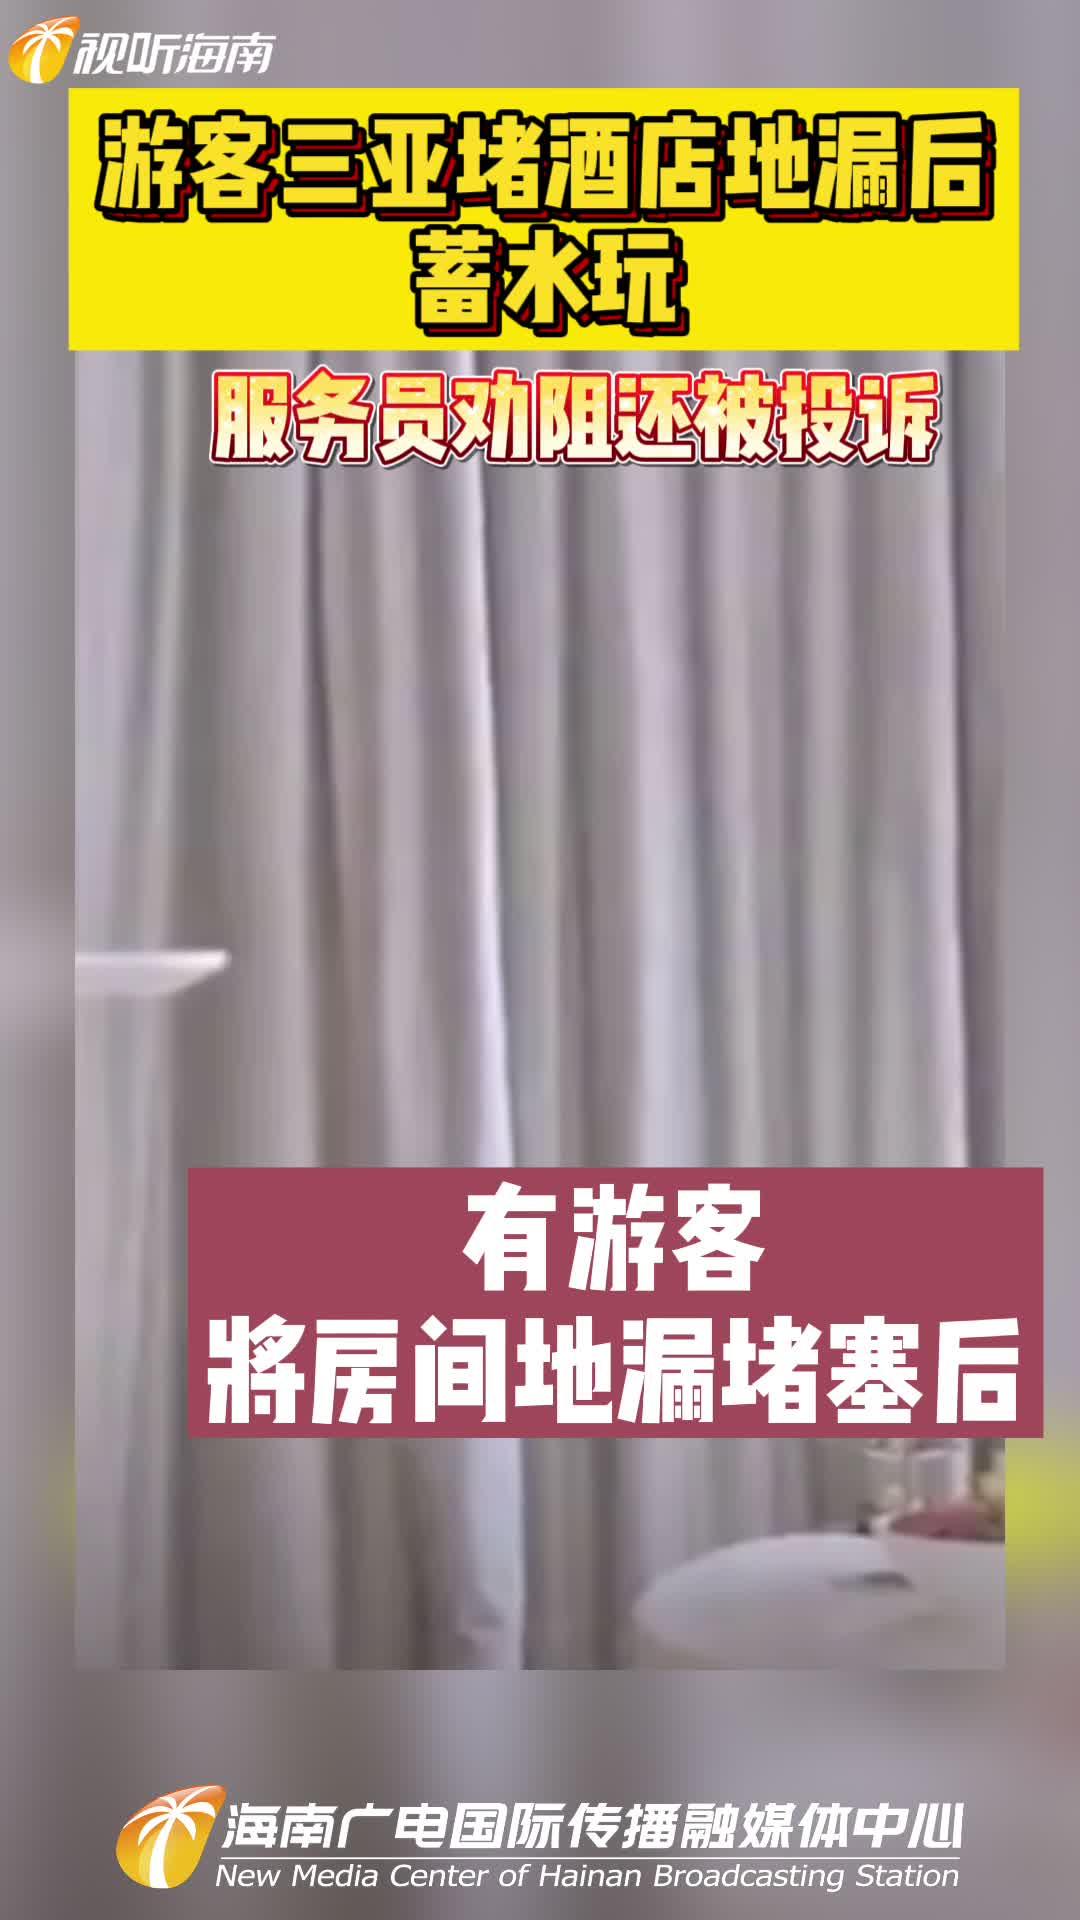 游客三亚堵酒店地漏后蓄水玩,服务员劝阻还被投诉